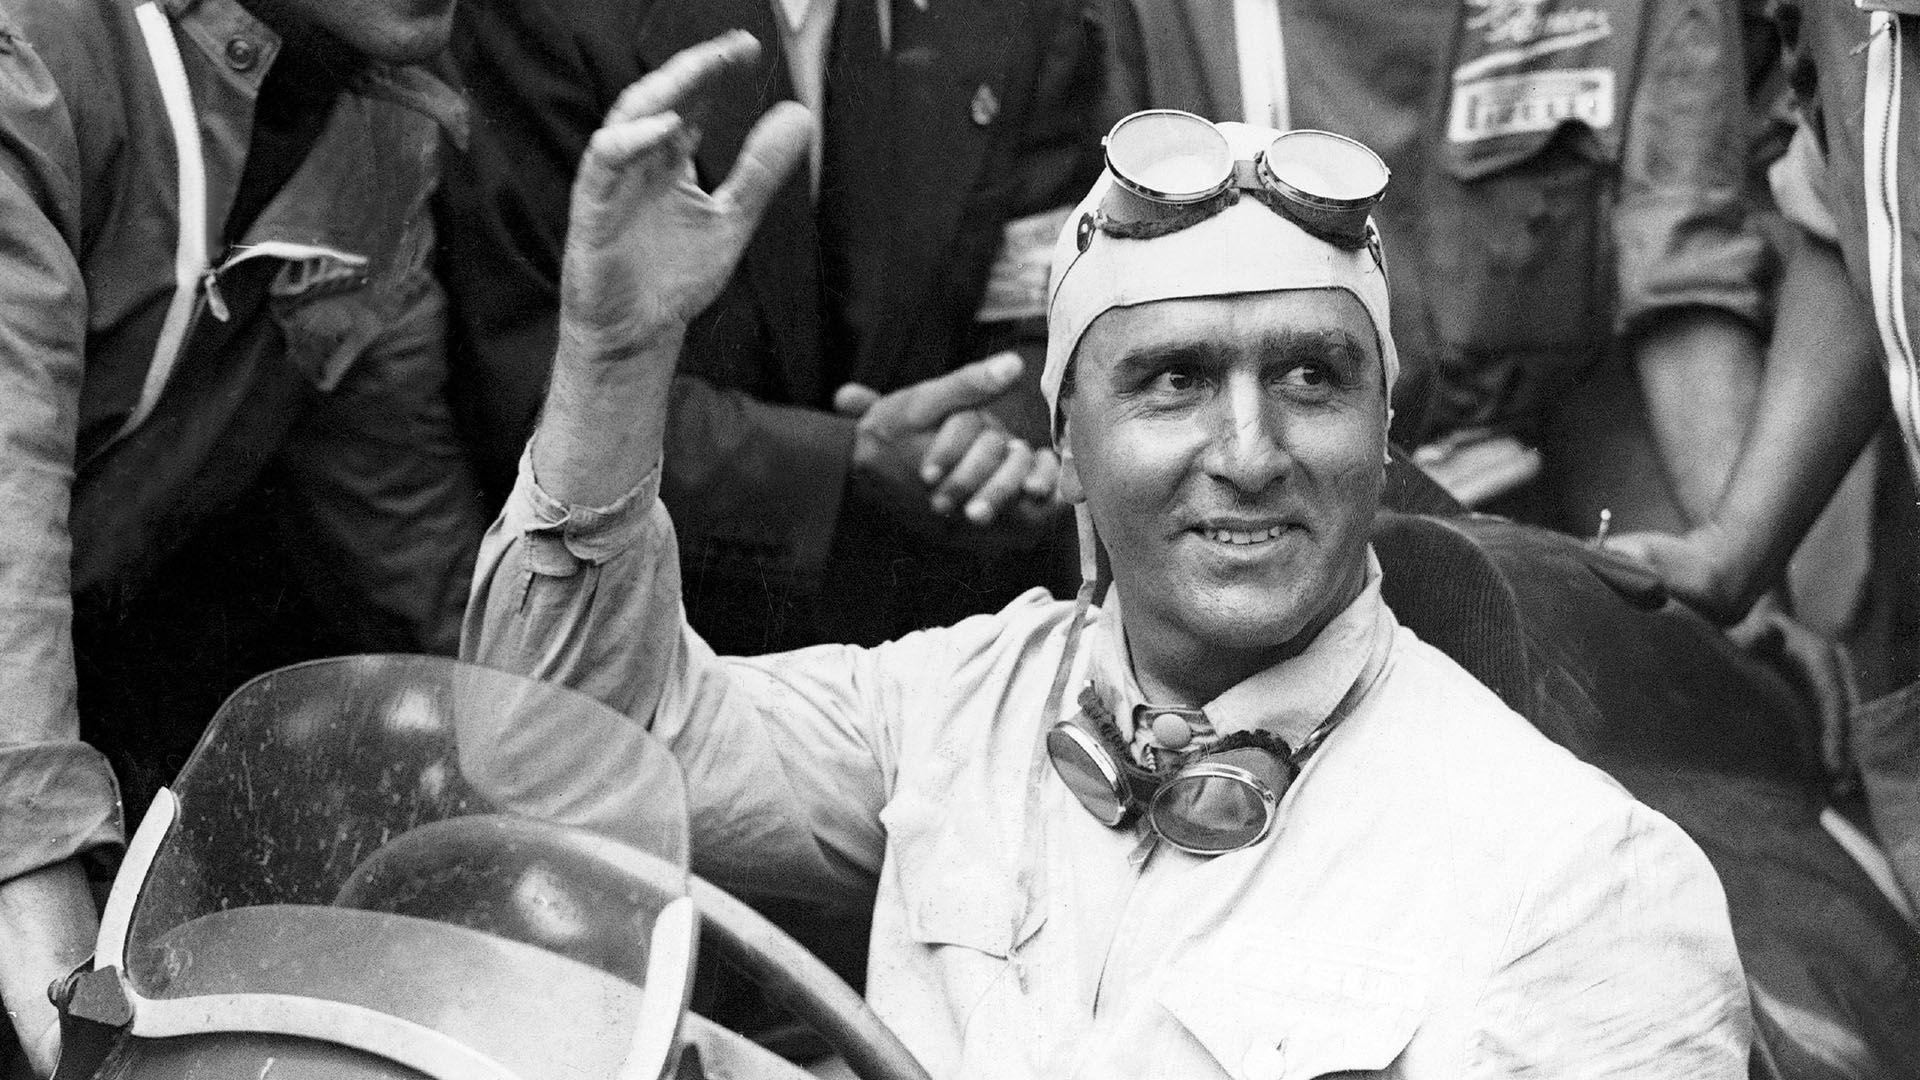 Foto de A gênese dos campeões da Fórmula 1 – Dia 162 dos 365 dias mais importantes da história do automobilismo | Segunda Temporada